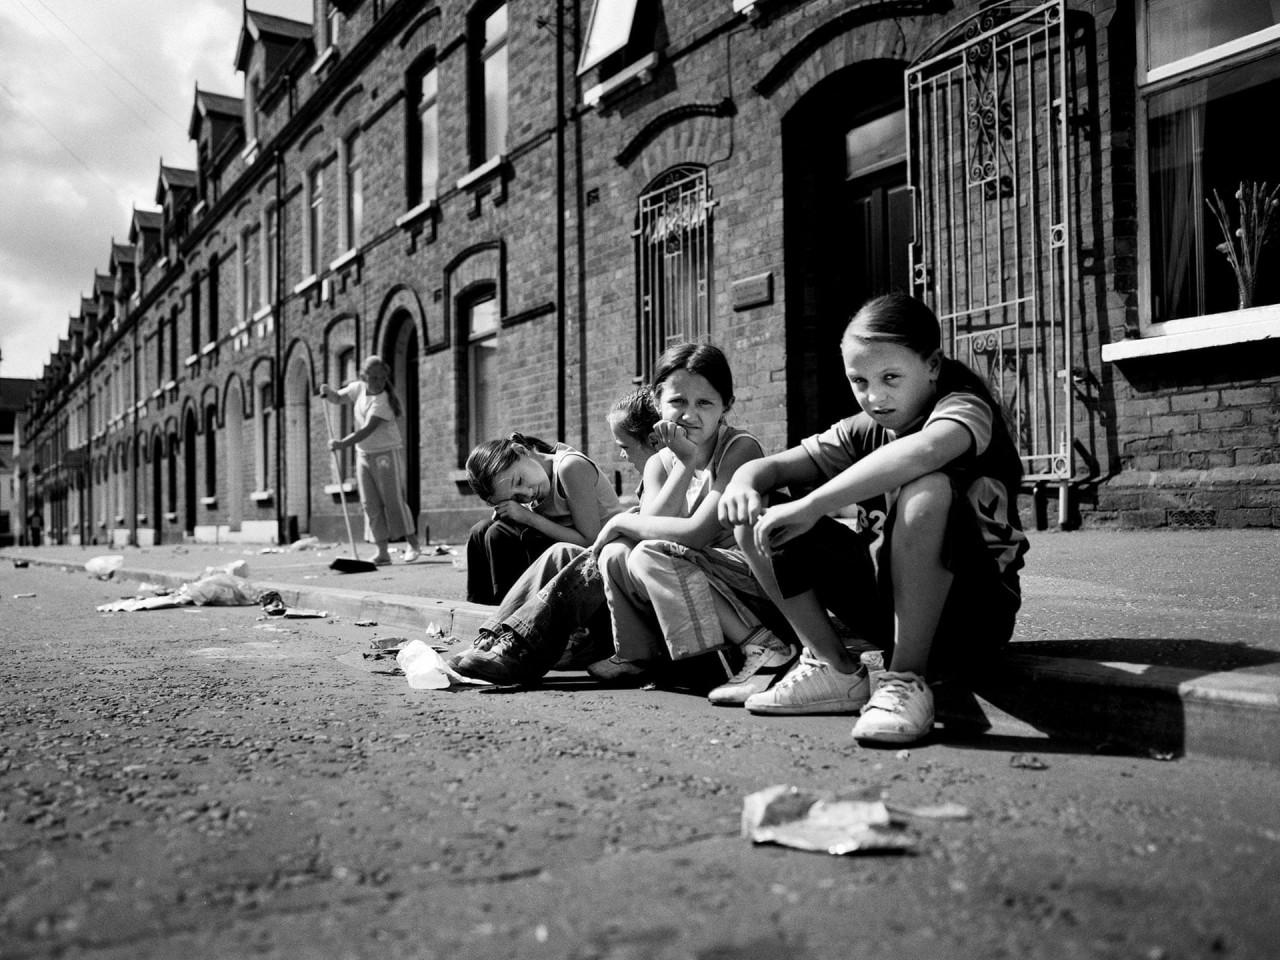 2-е место в категории «Серия фотографий», 2020. «Молодёжь Белфаста». Фотограф Тоби Биндер